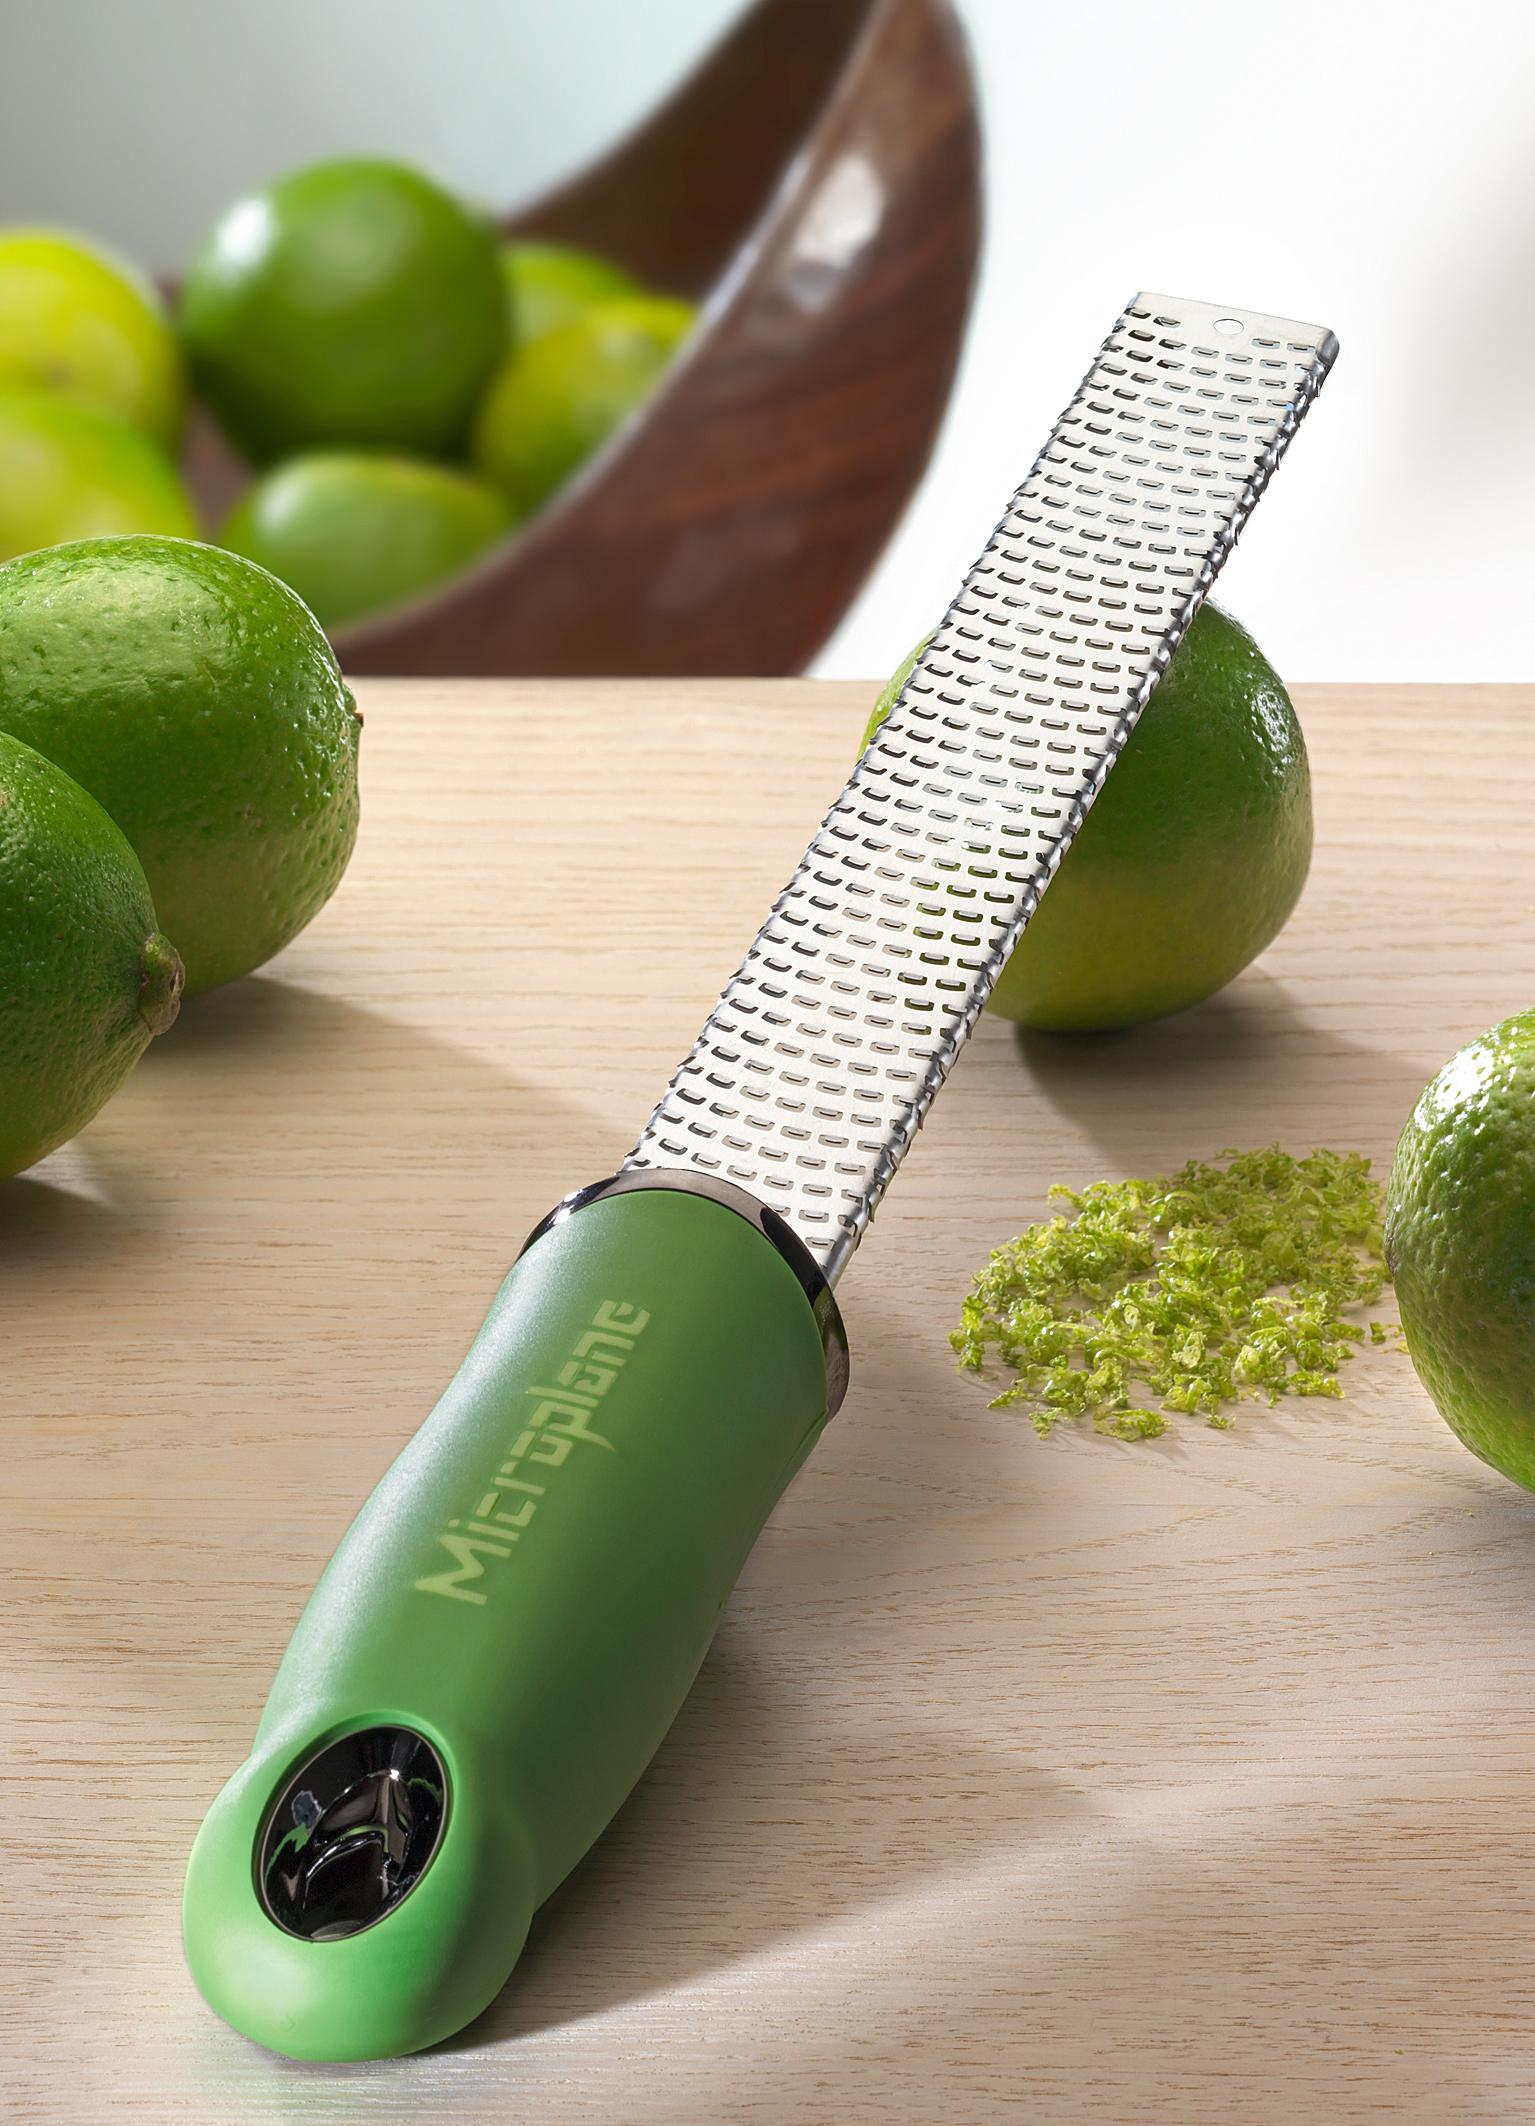 46720 rasp premium classic zester groen sfeer300dpi.jpg